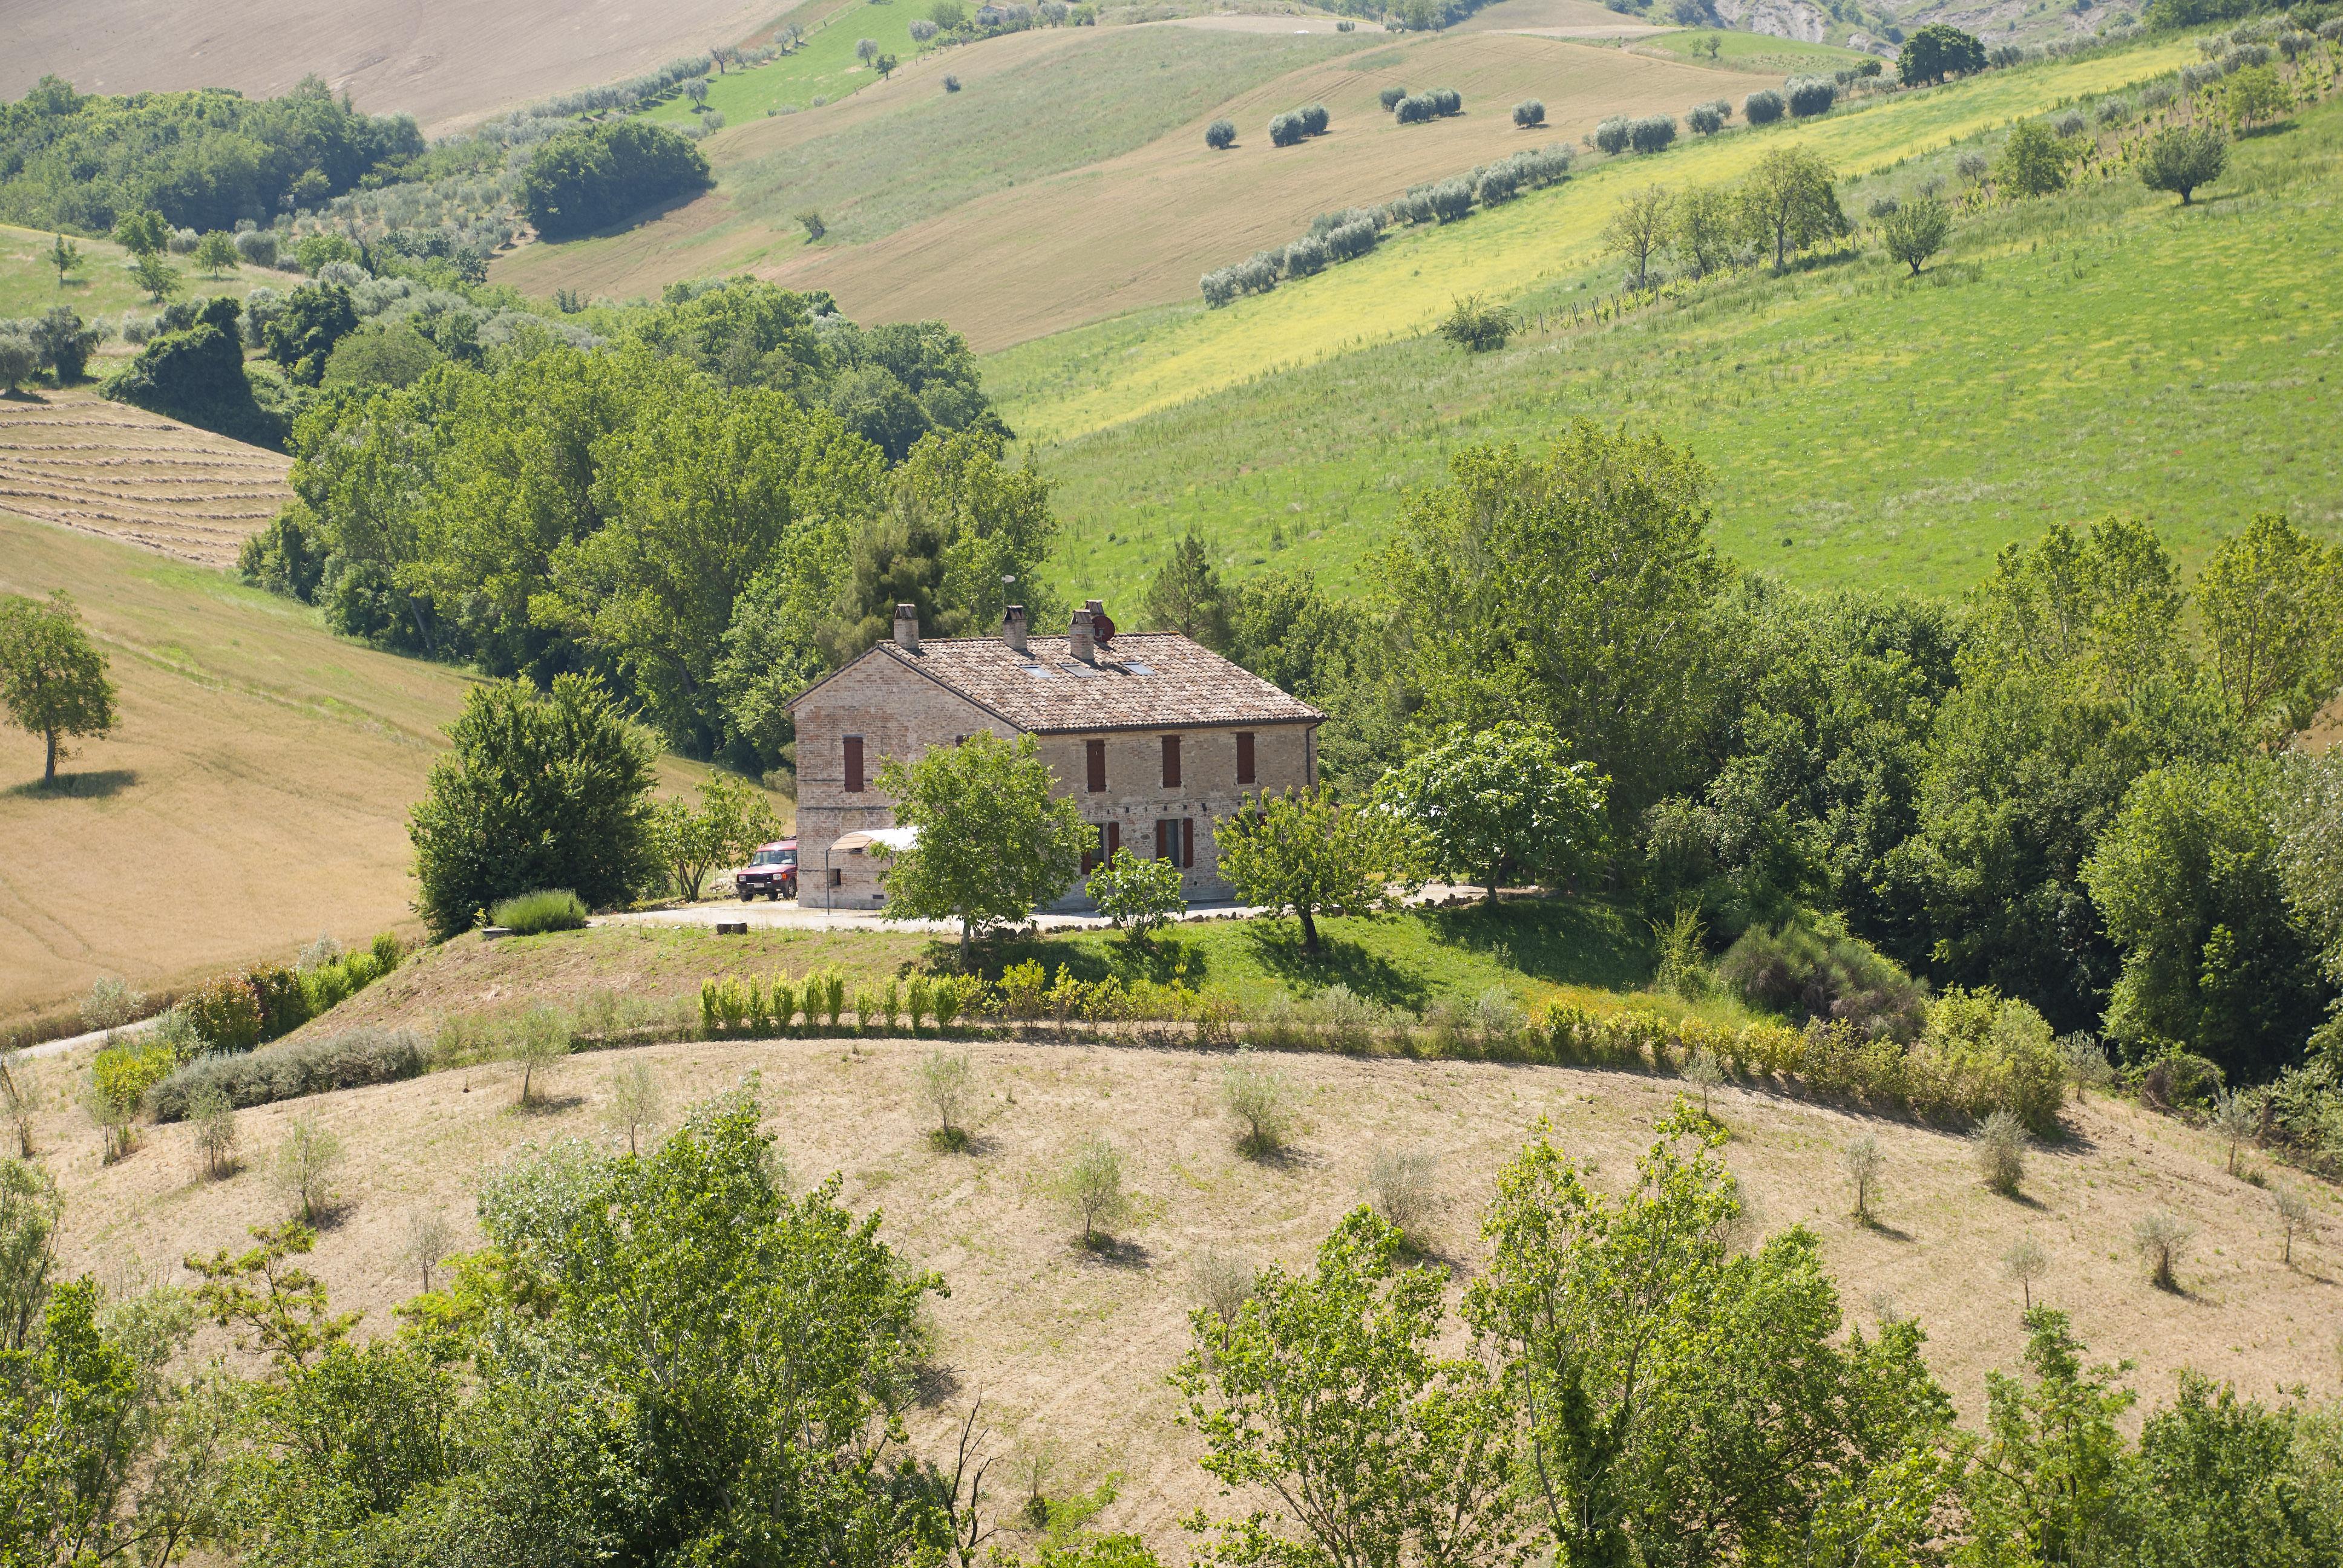 Ferienwohnung Il Casale di Giovanna - Lavender (2124914), San Venanzo, Ascoli Piceno, Marken, Italien, Bild 2